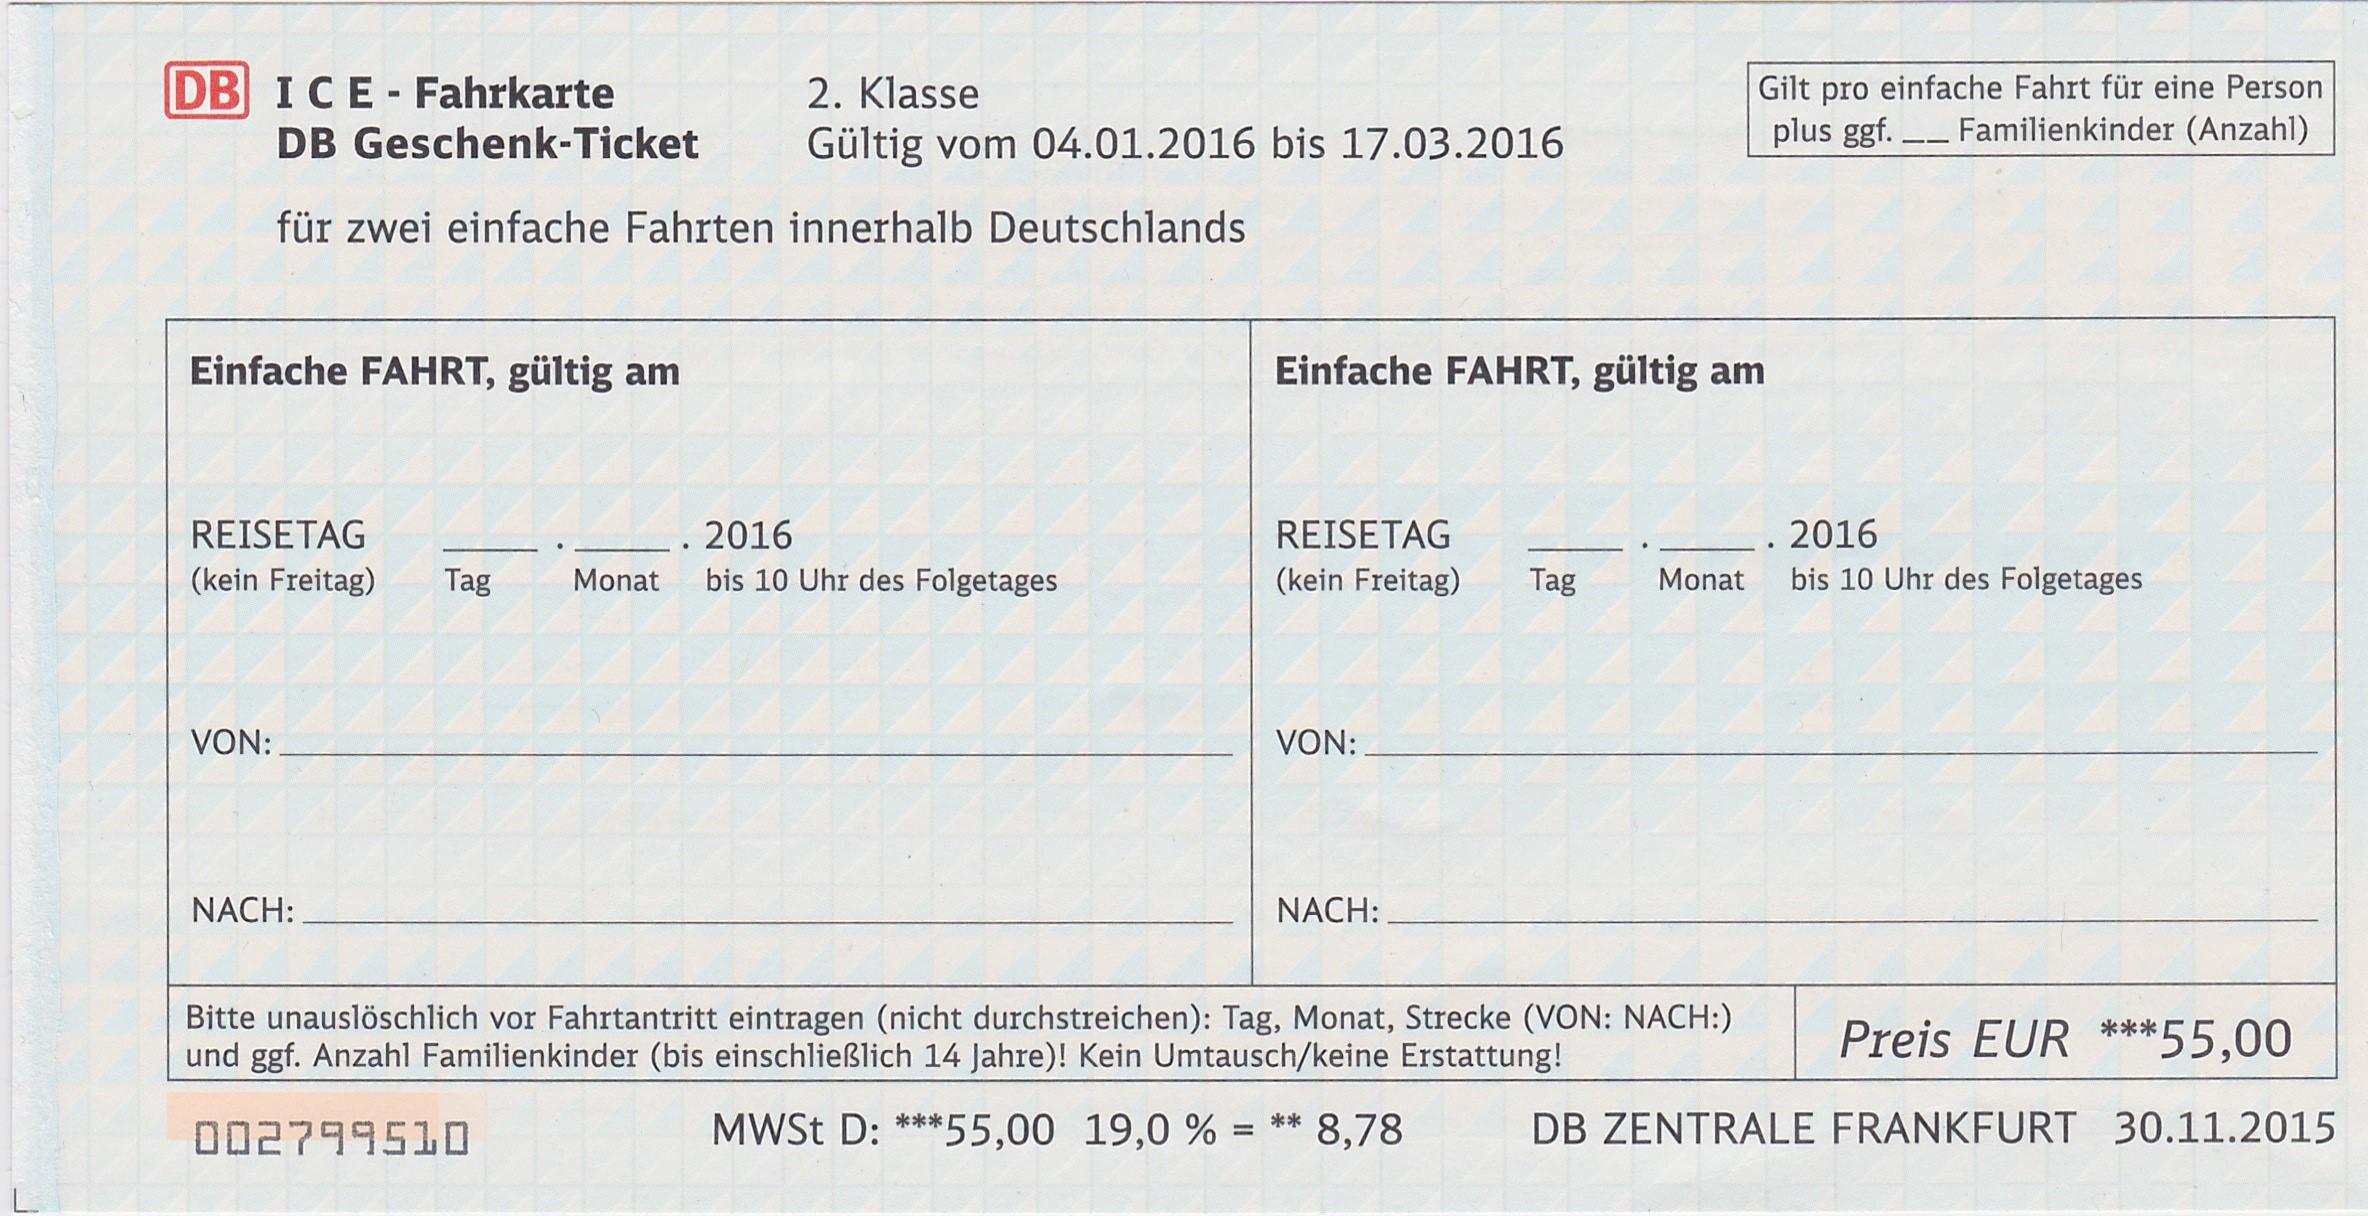 ticket templet